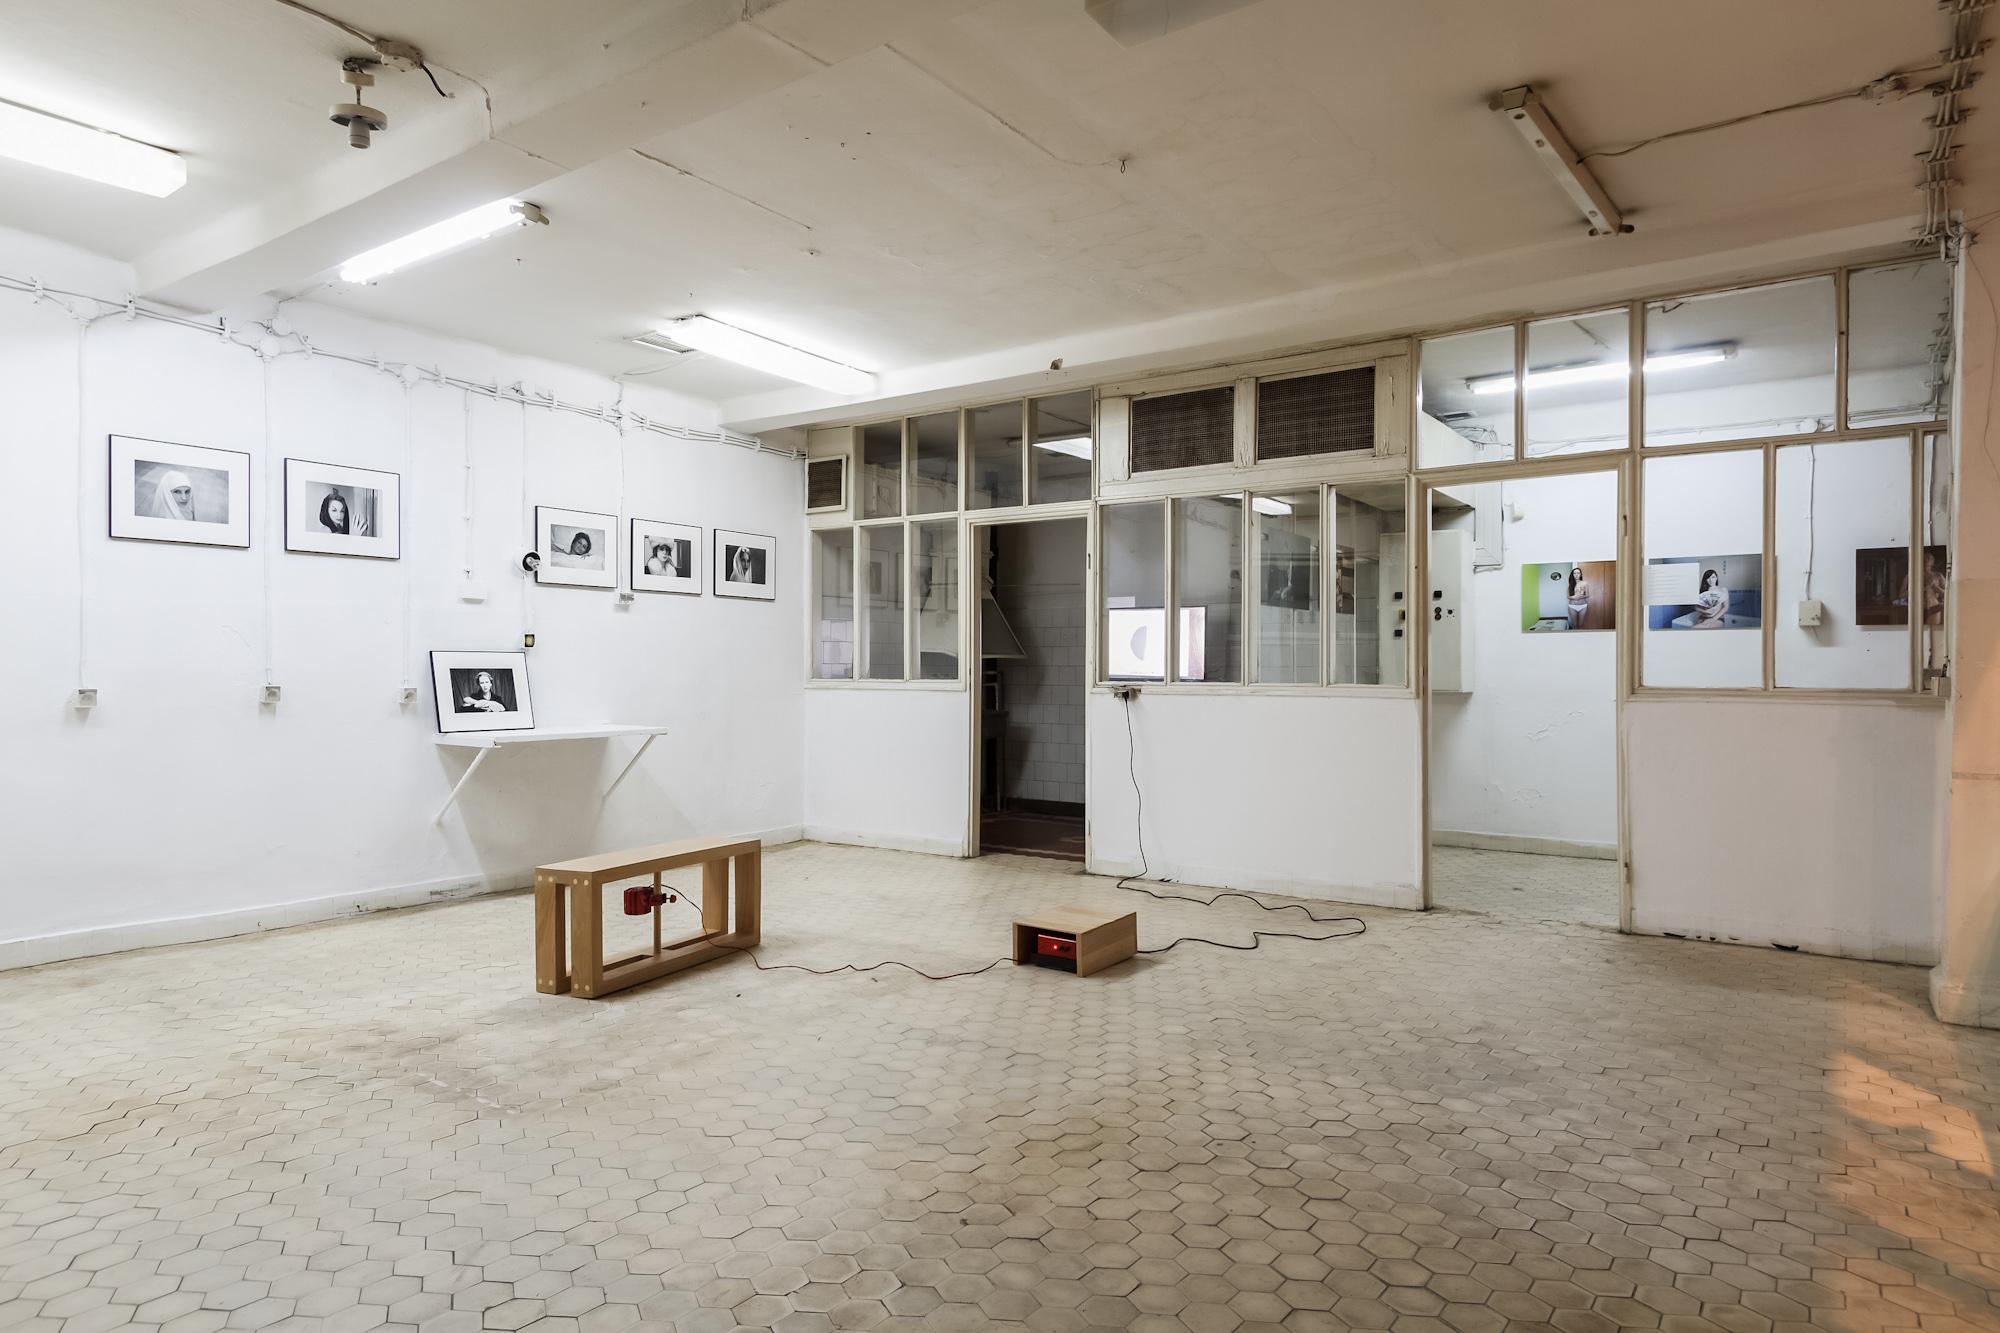 Nowe ilustracje, widok wystawy